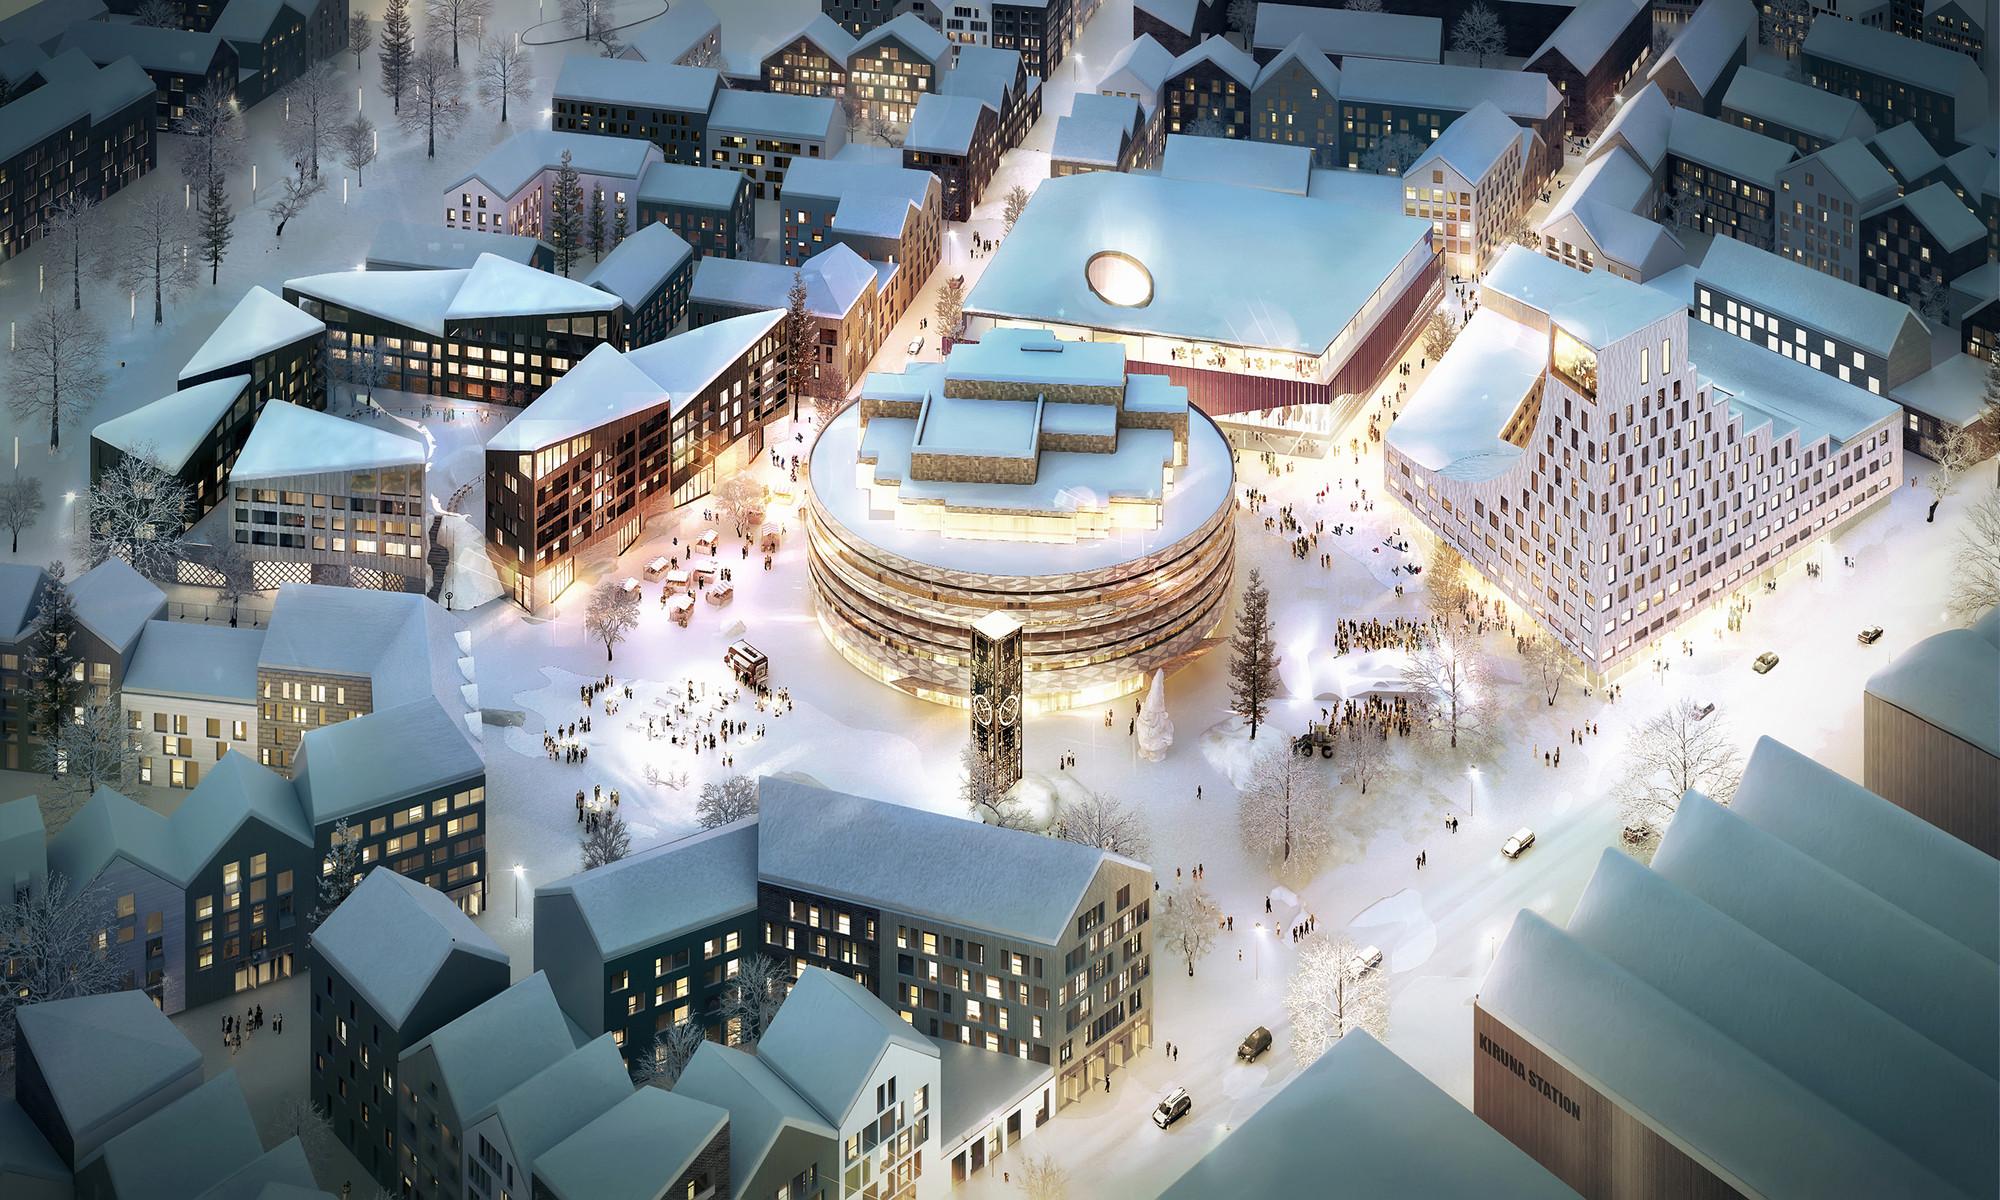 列维-基律纳丨探访艺术建筑冰酒店,冰雪世界野外活动